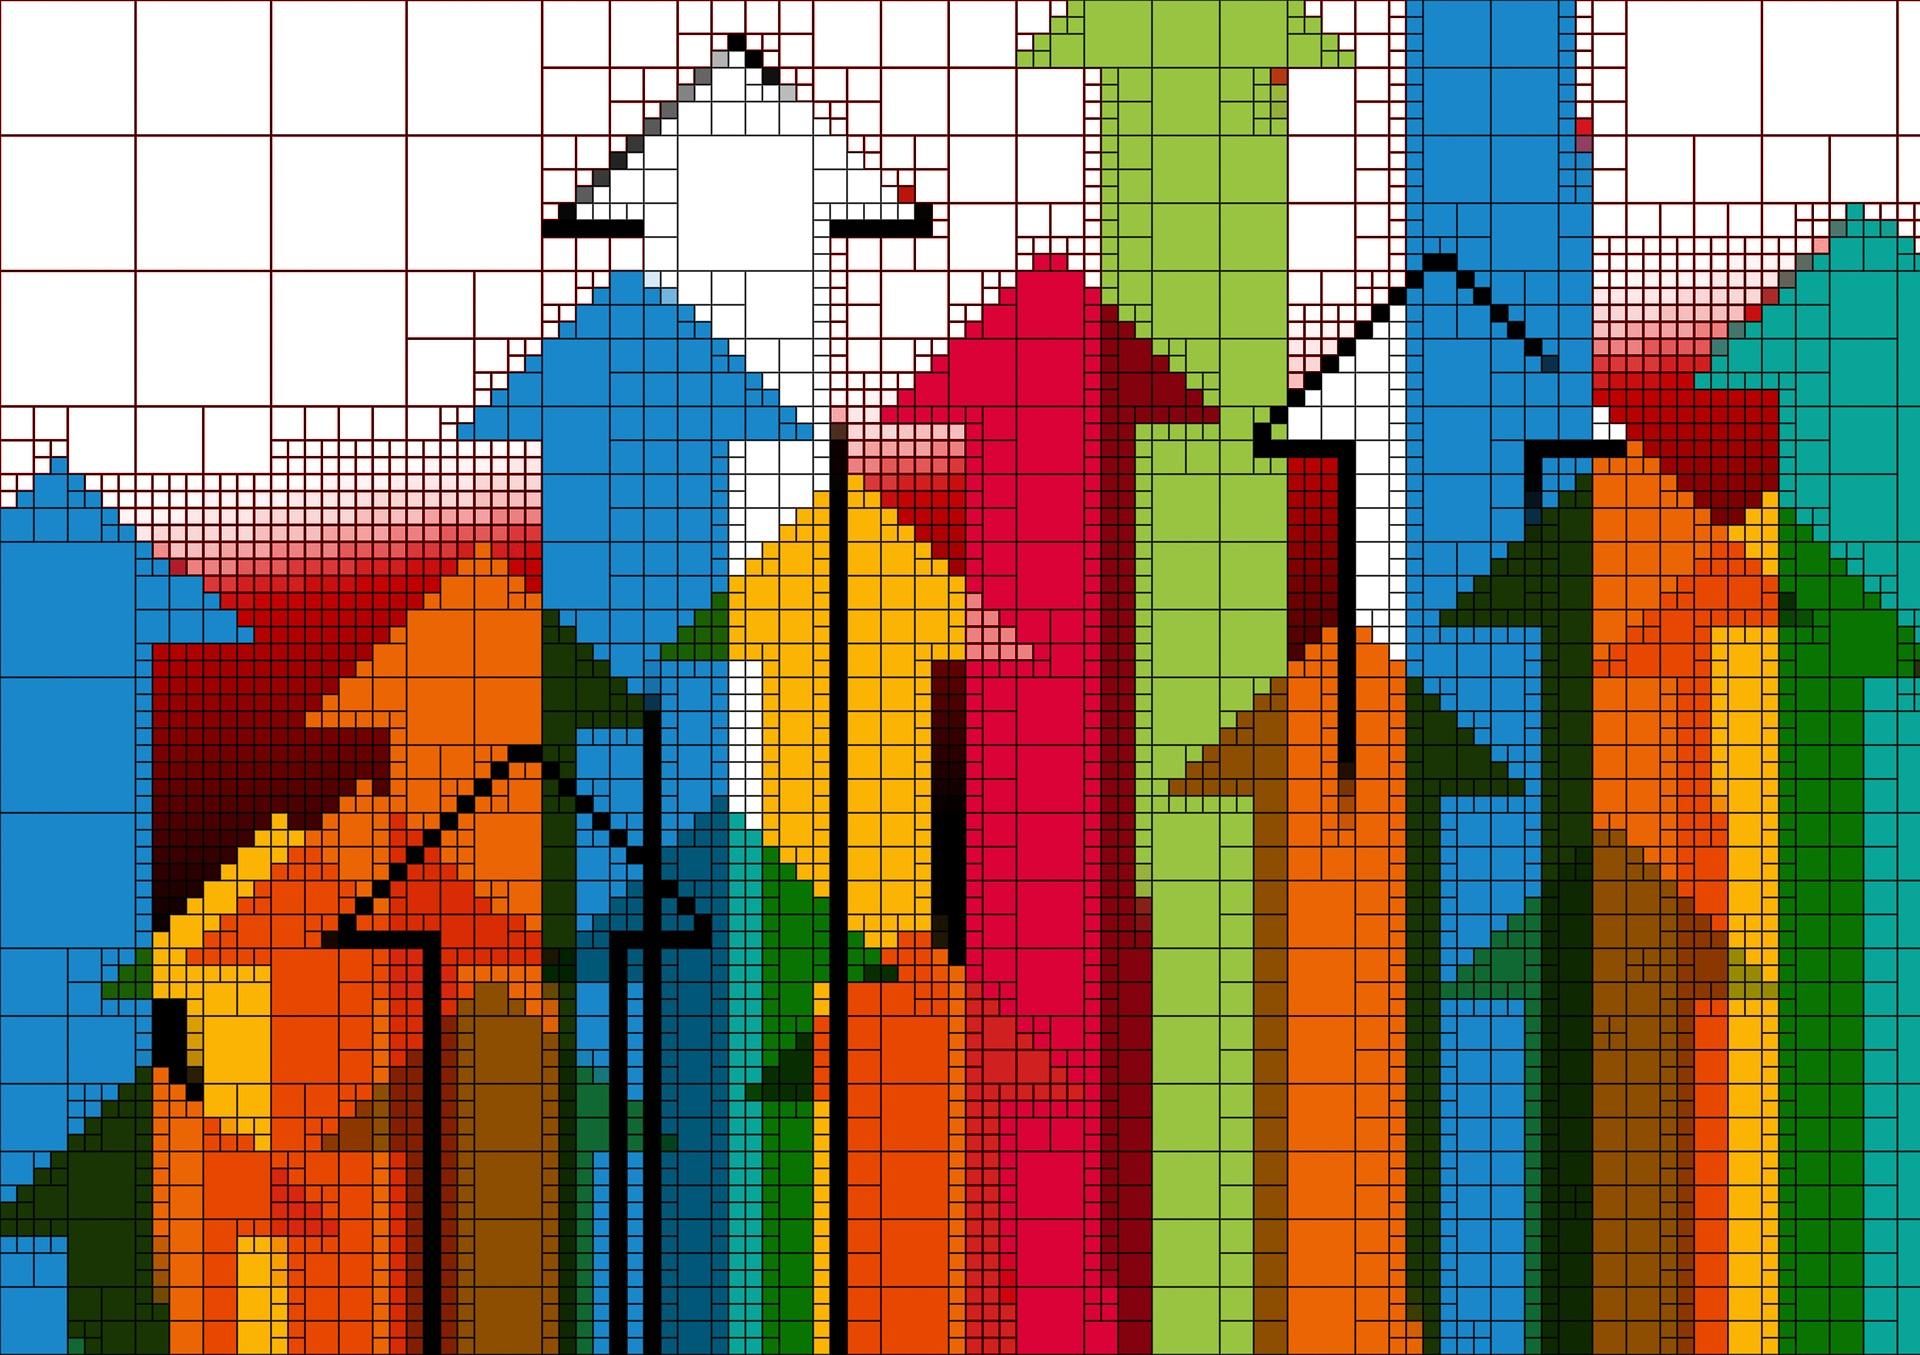 TRGC abre oportunidades de crecimiento de la cadena de bloques en la etapa inicial para que los inversores globales las aprovechen